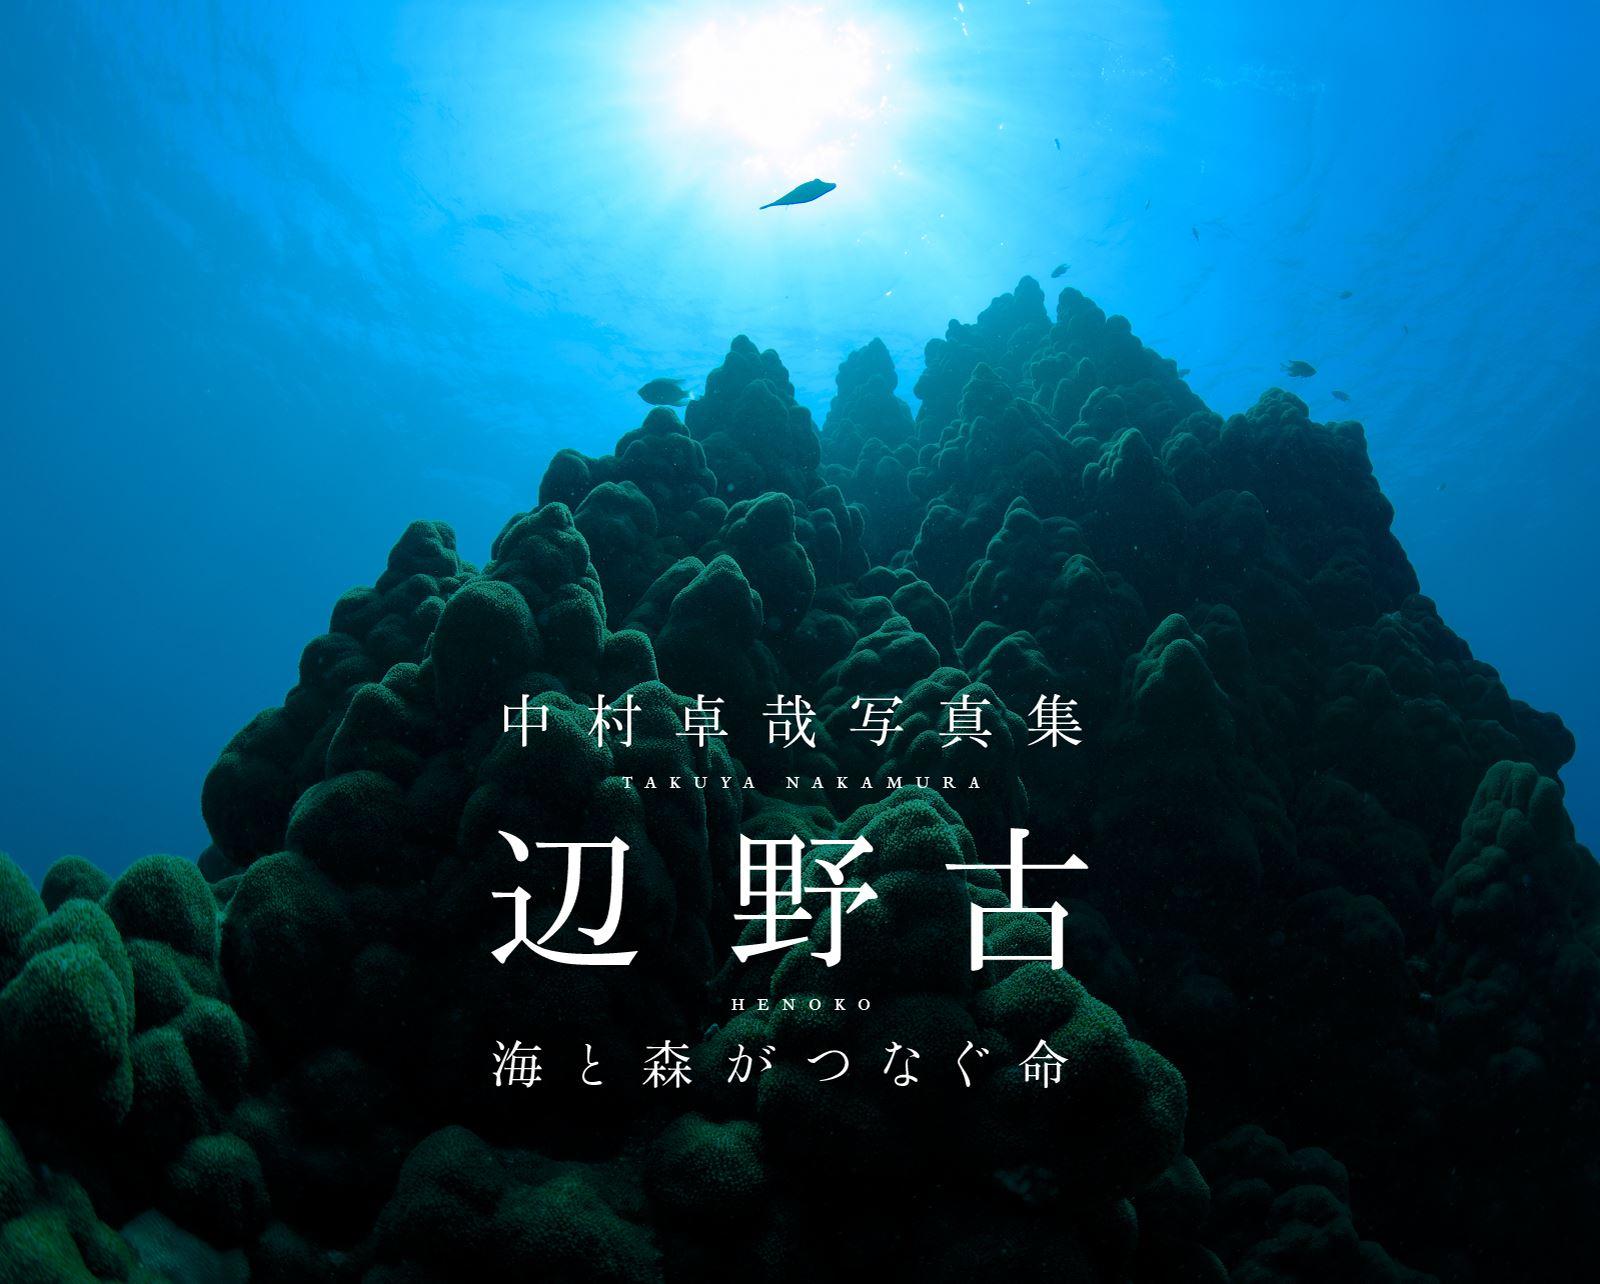 【告知】中村卓哉氏による新作写真集『辺野古 -海と森がつなぐ命-』が出版〜東京、大阪にて写真展も開催〜